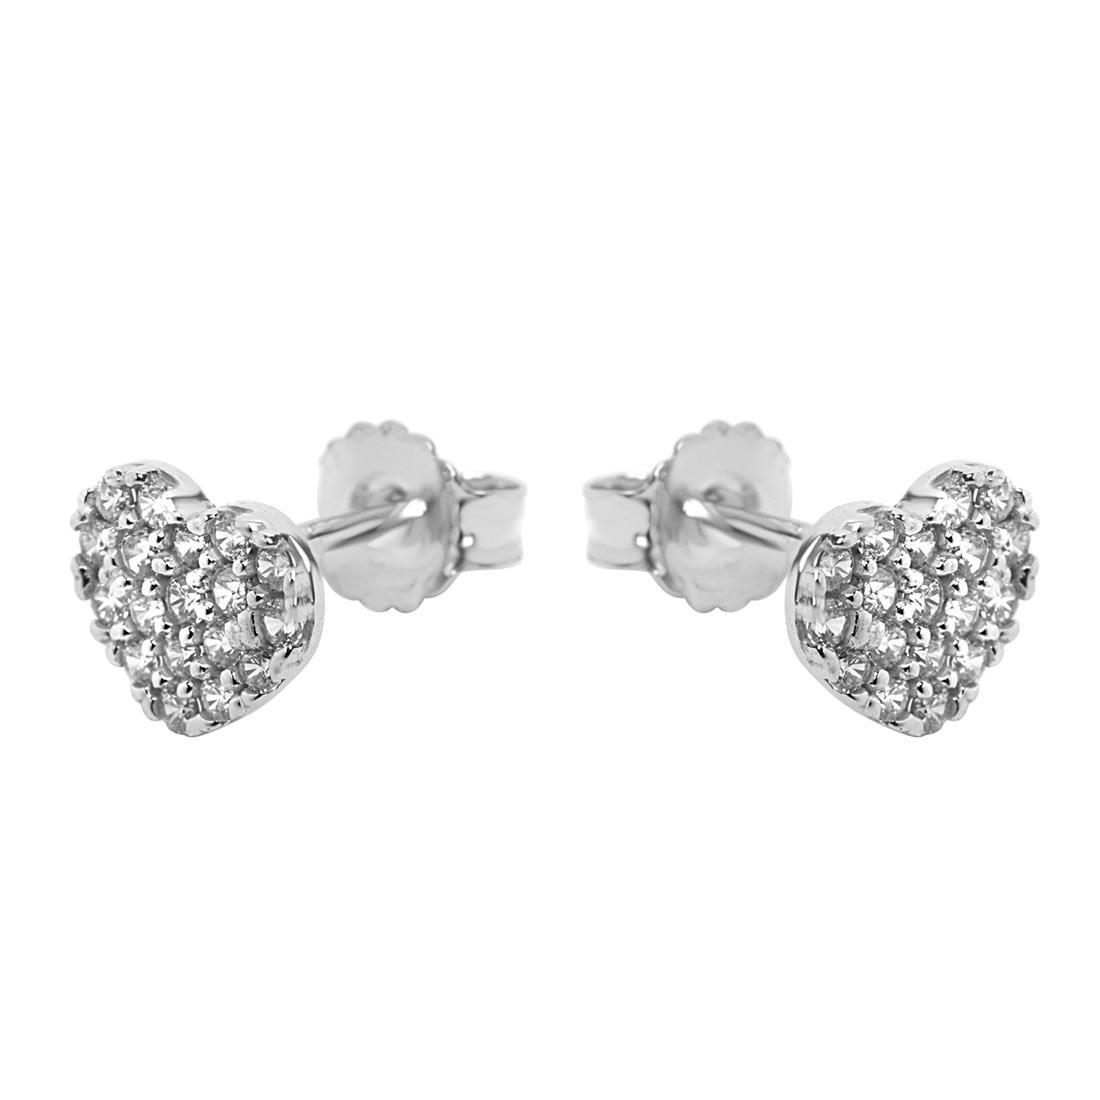 Orecchini in oro bianco con zirconi a forma di cuore - ORO&CO